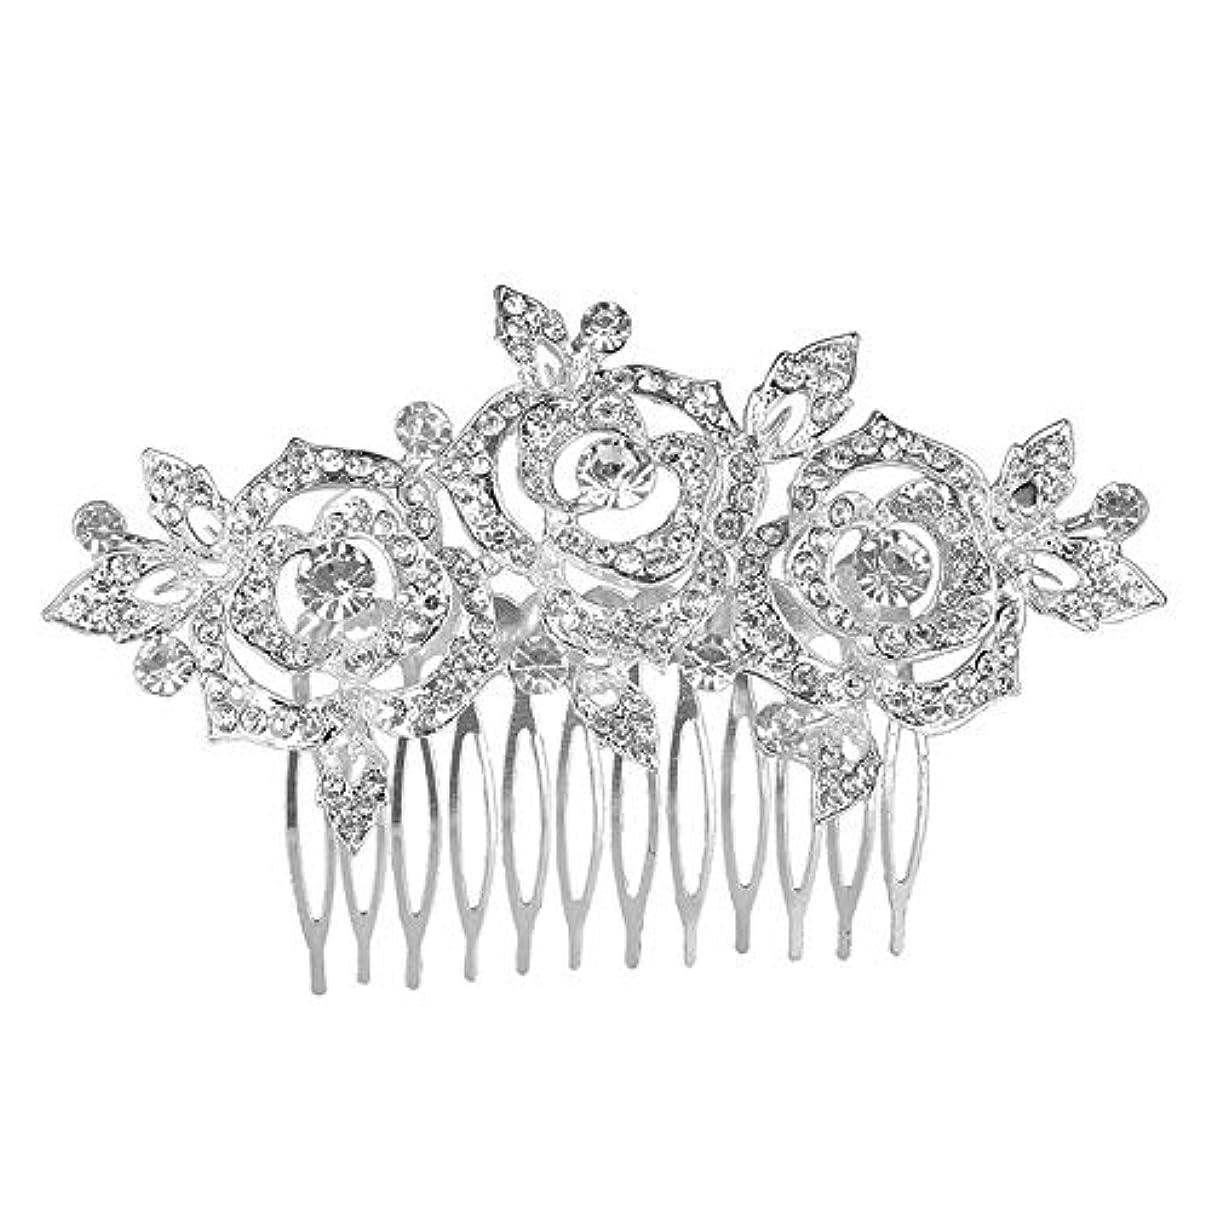 宙返り保守可能先例髪の櫛挿入櫛花嫁の髪櫛クラウン髪の櫛結婚式の付属品櫛の髪の櫛花の櫛の櫛ブライダルヘッドドレス